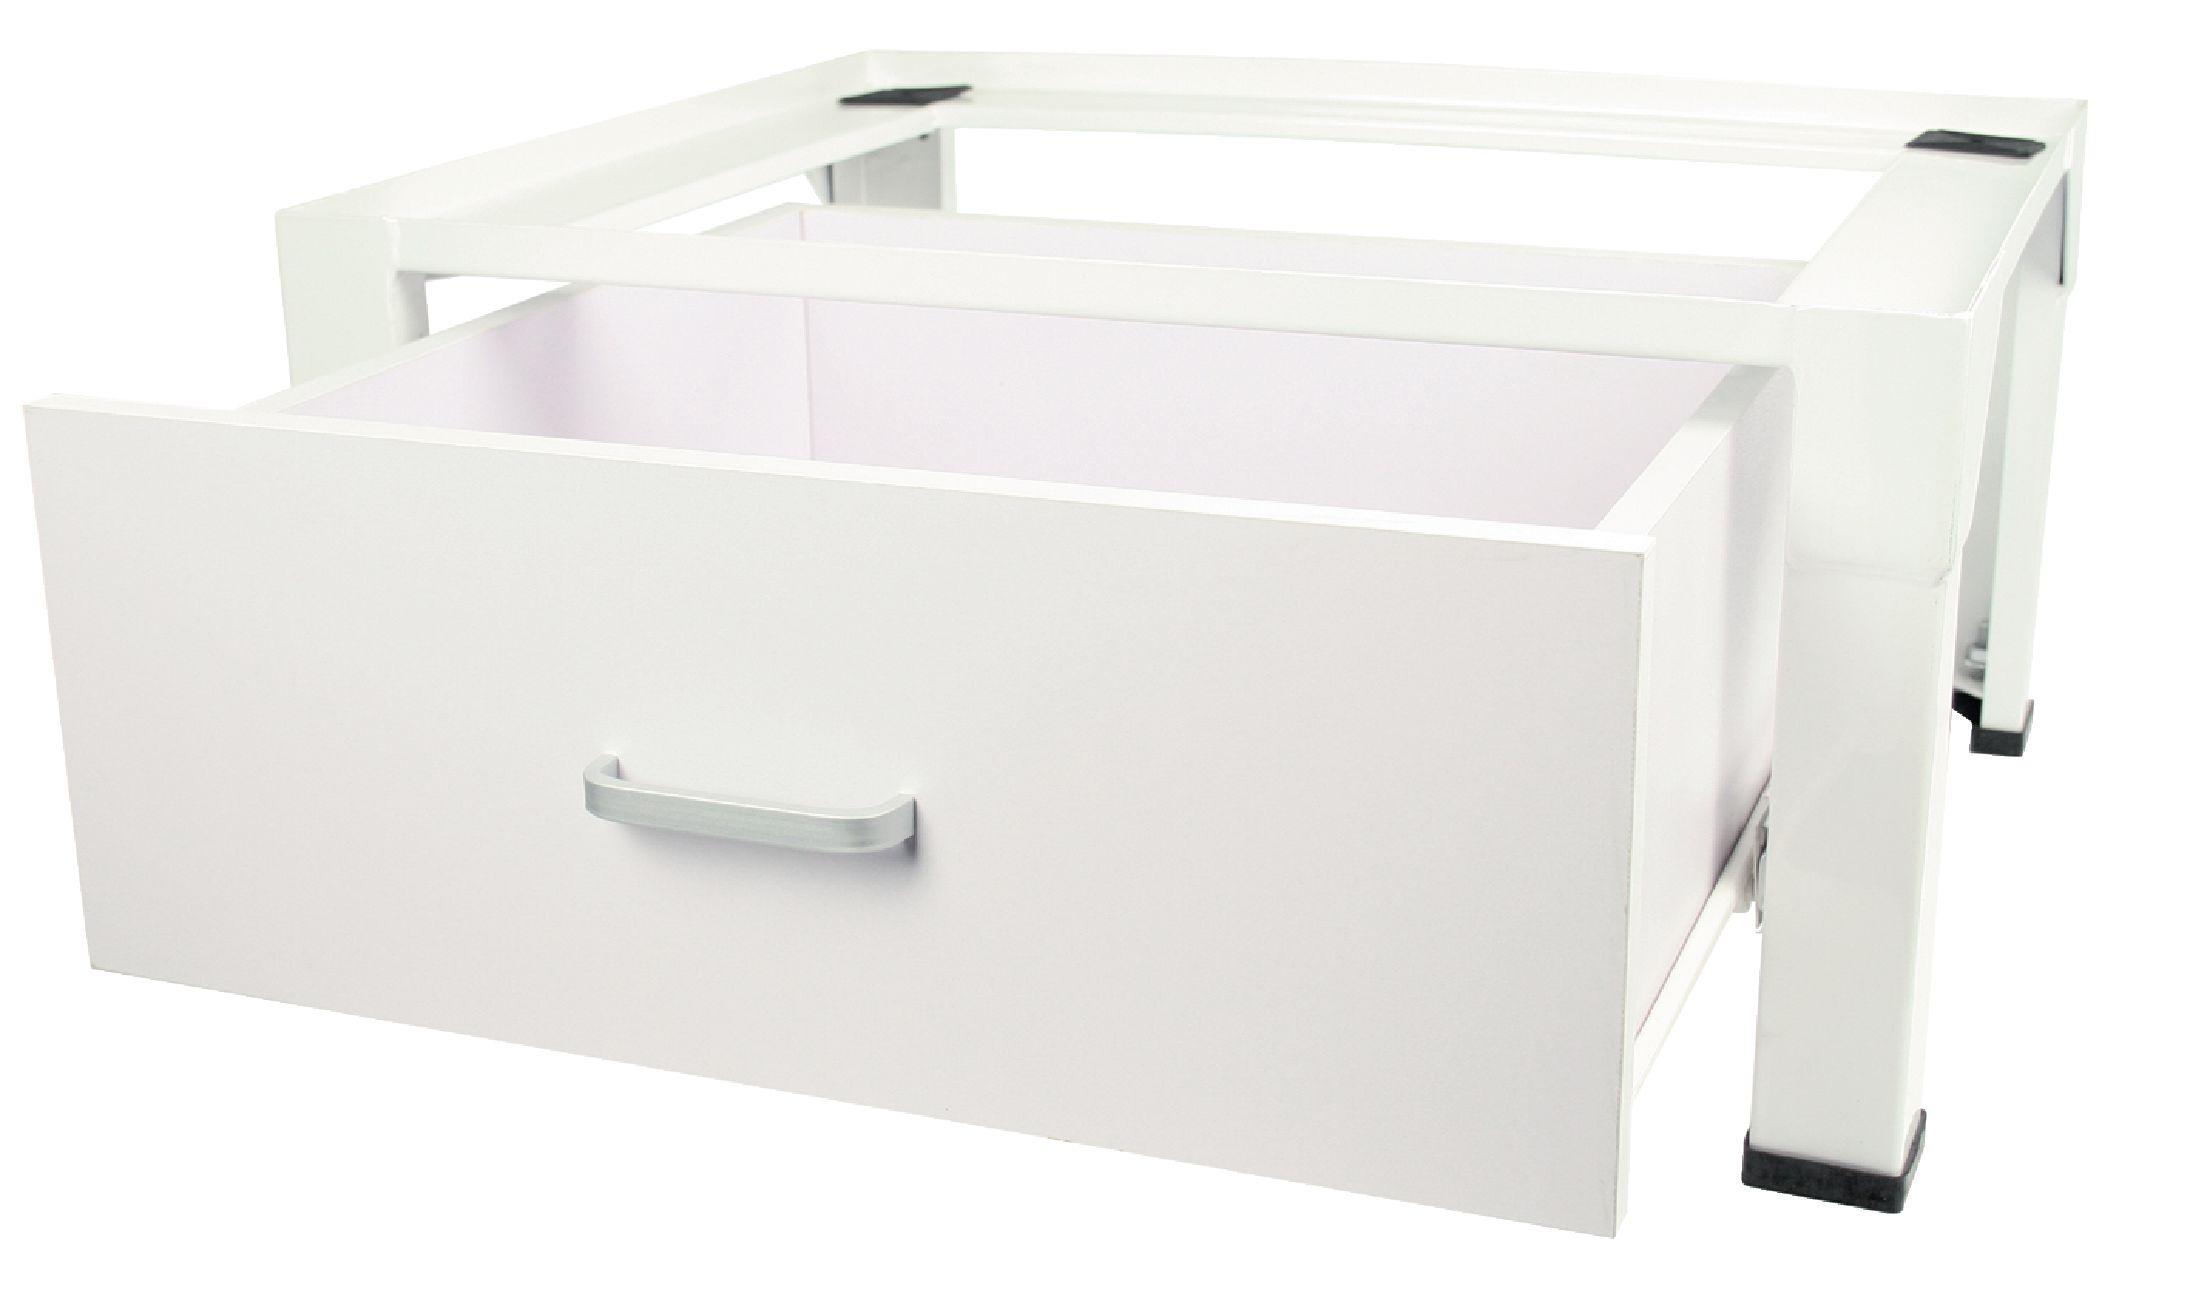 Podstavec pod pračku nebo sušičku s úložným boxem, 150kg HQ W9-SOCLE-WBOX